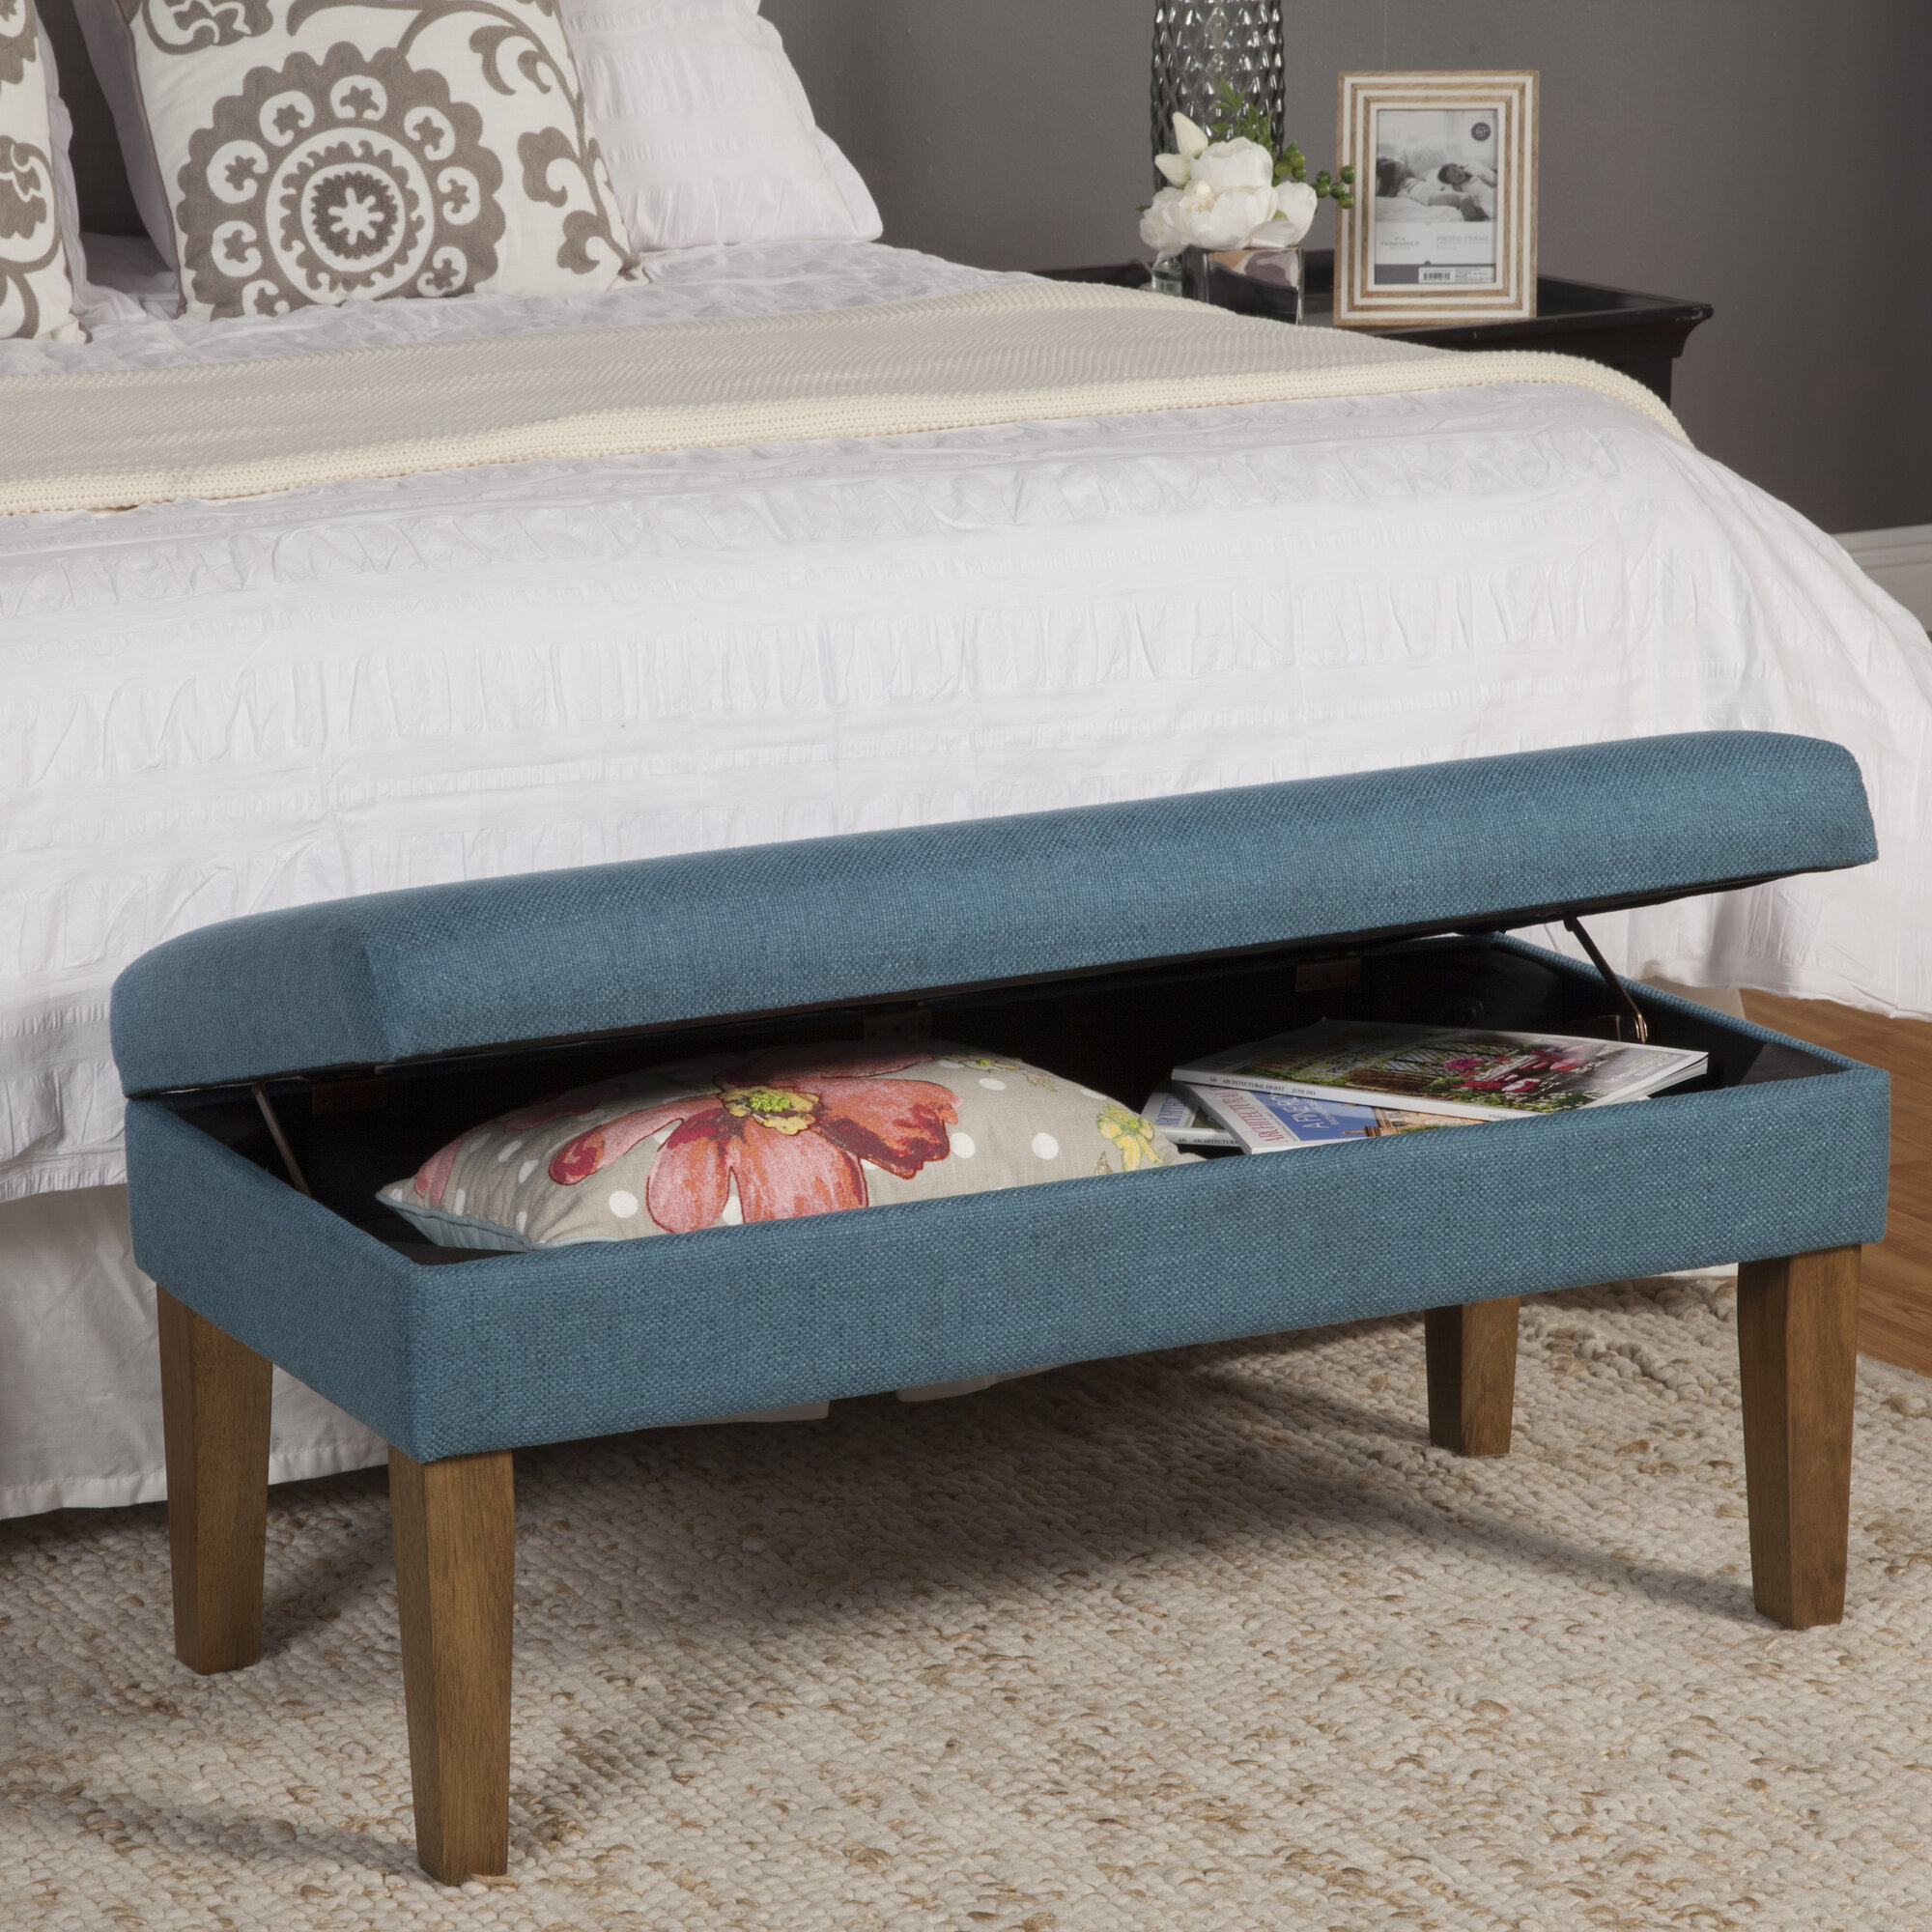 Homepop Homepop Decorative Storage Bench Ebay